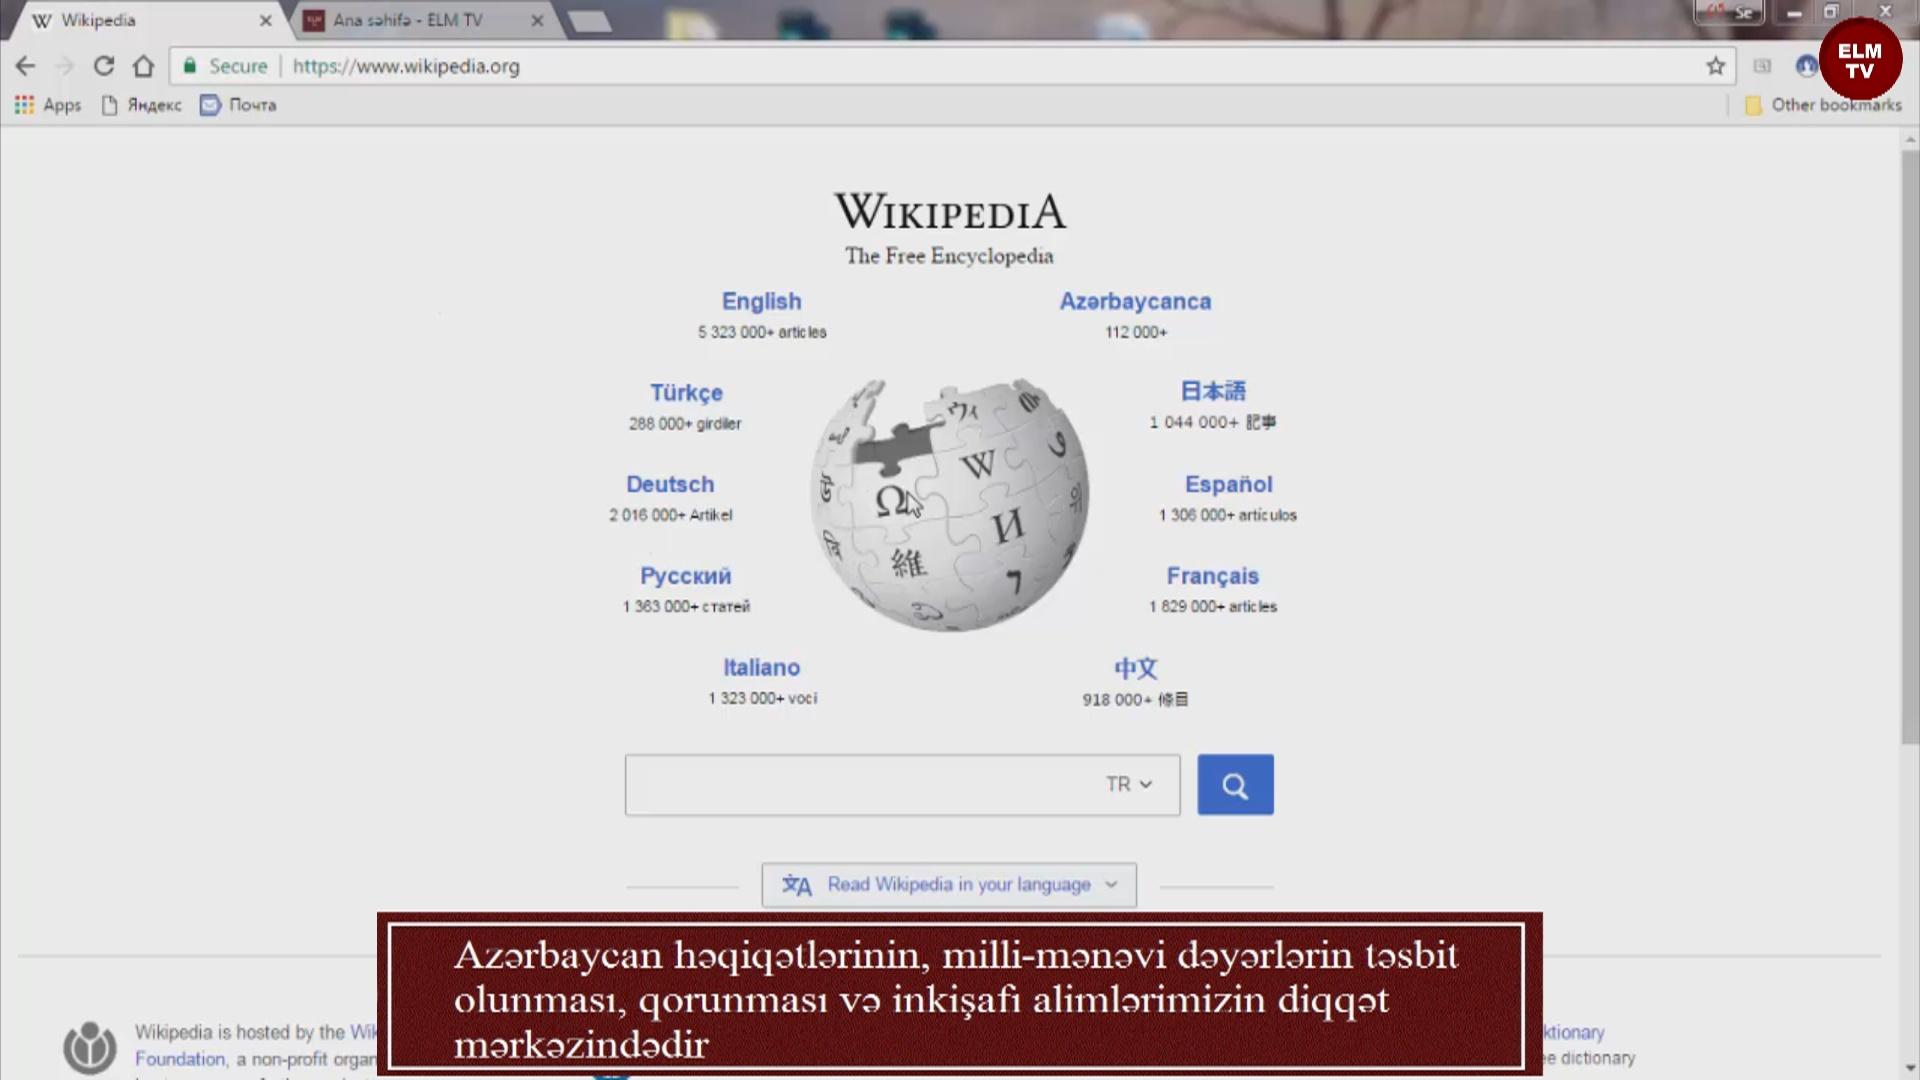 Azərbaycan həqiqətlərinin, milli-mənəvi dəyərlərin təsbit olunması, qorunması və inkişafı alimlərimizin diqqət mərkəzindədir